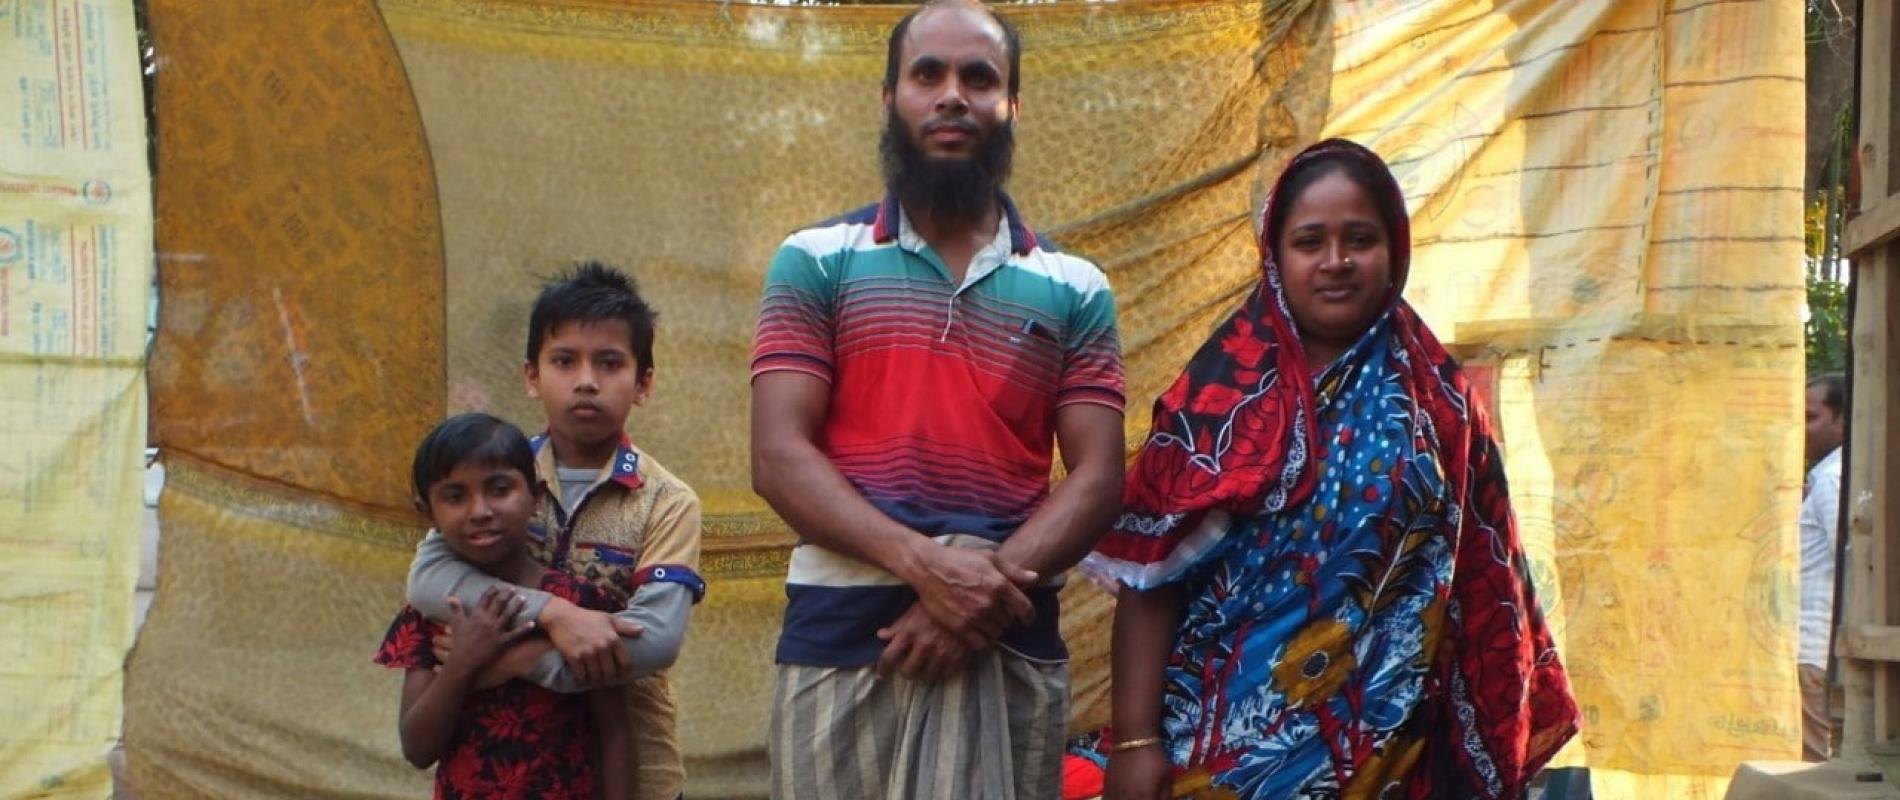 Aswas bangladesh 3 1500x1125